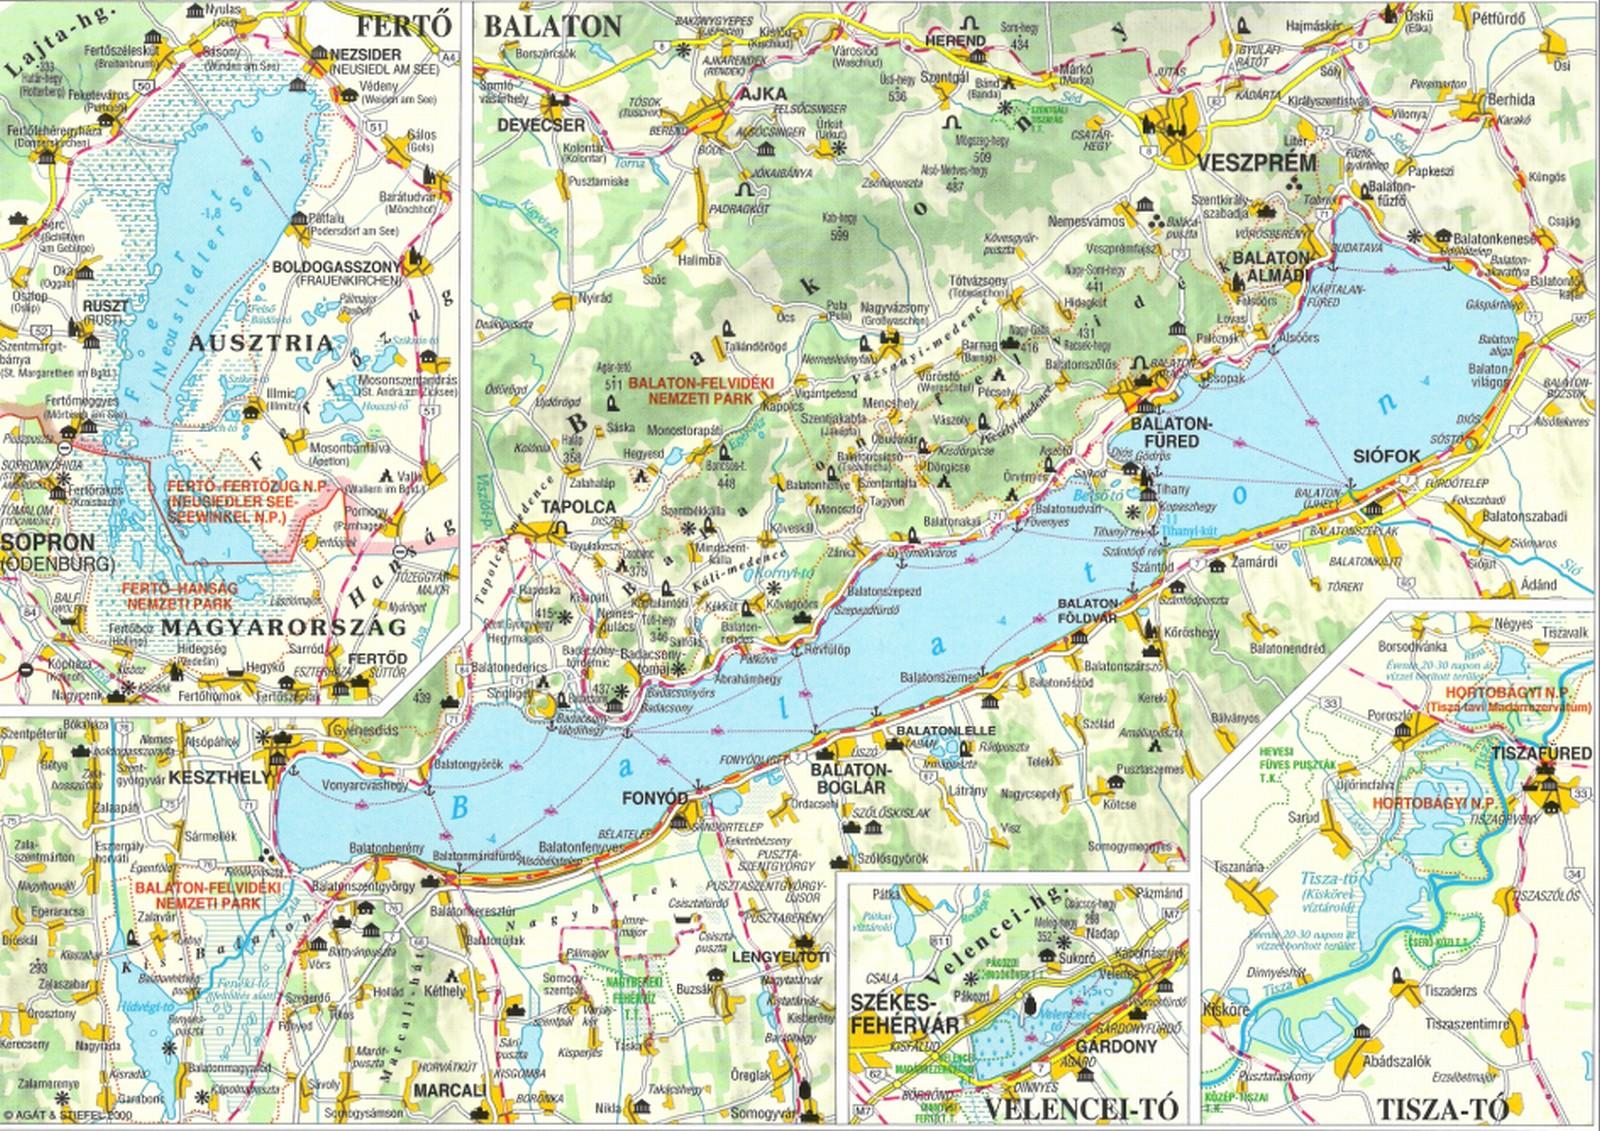 velencei tó magyarország térkép Közlekedési földrajz | SuliTudásbázis velencei tó magyarország térkép